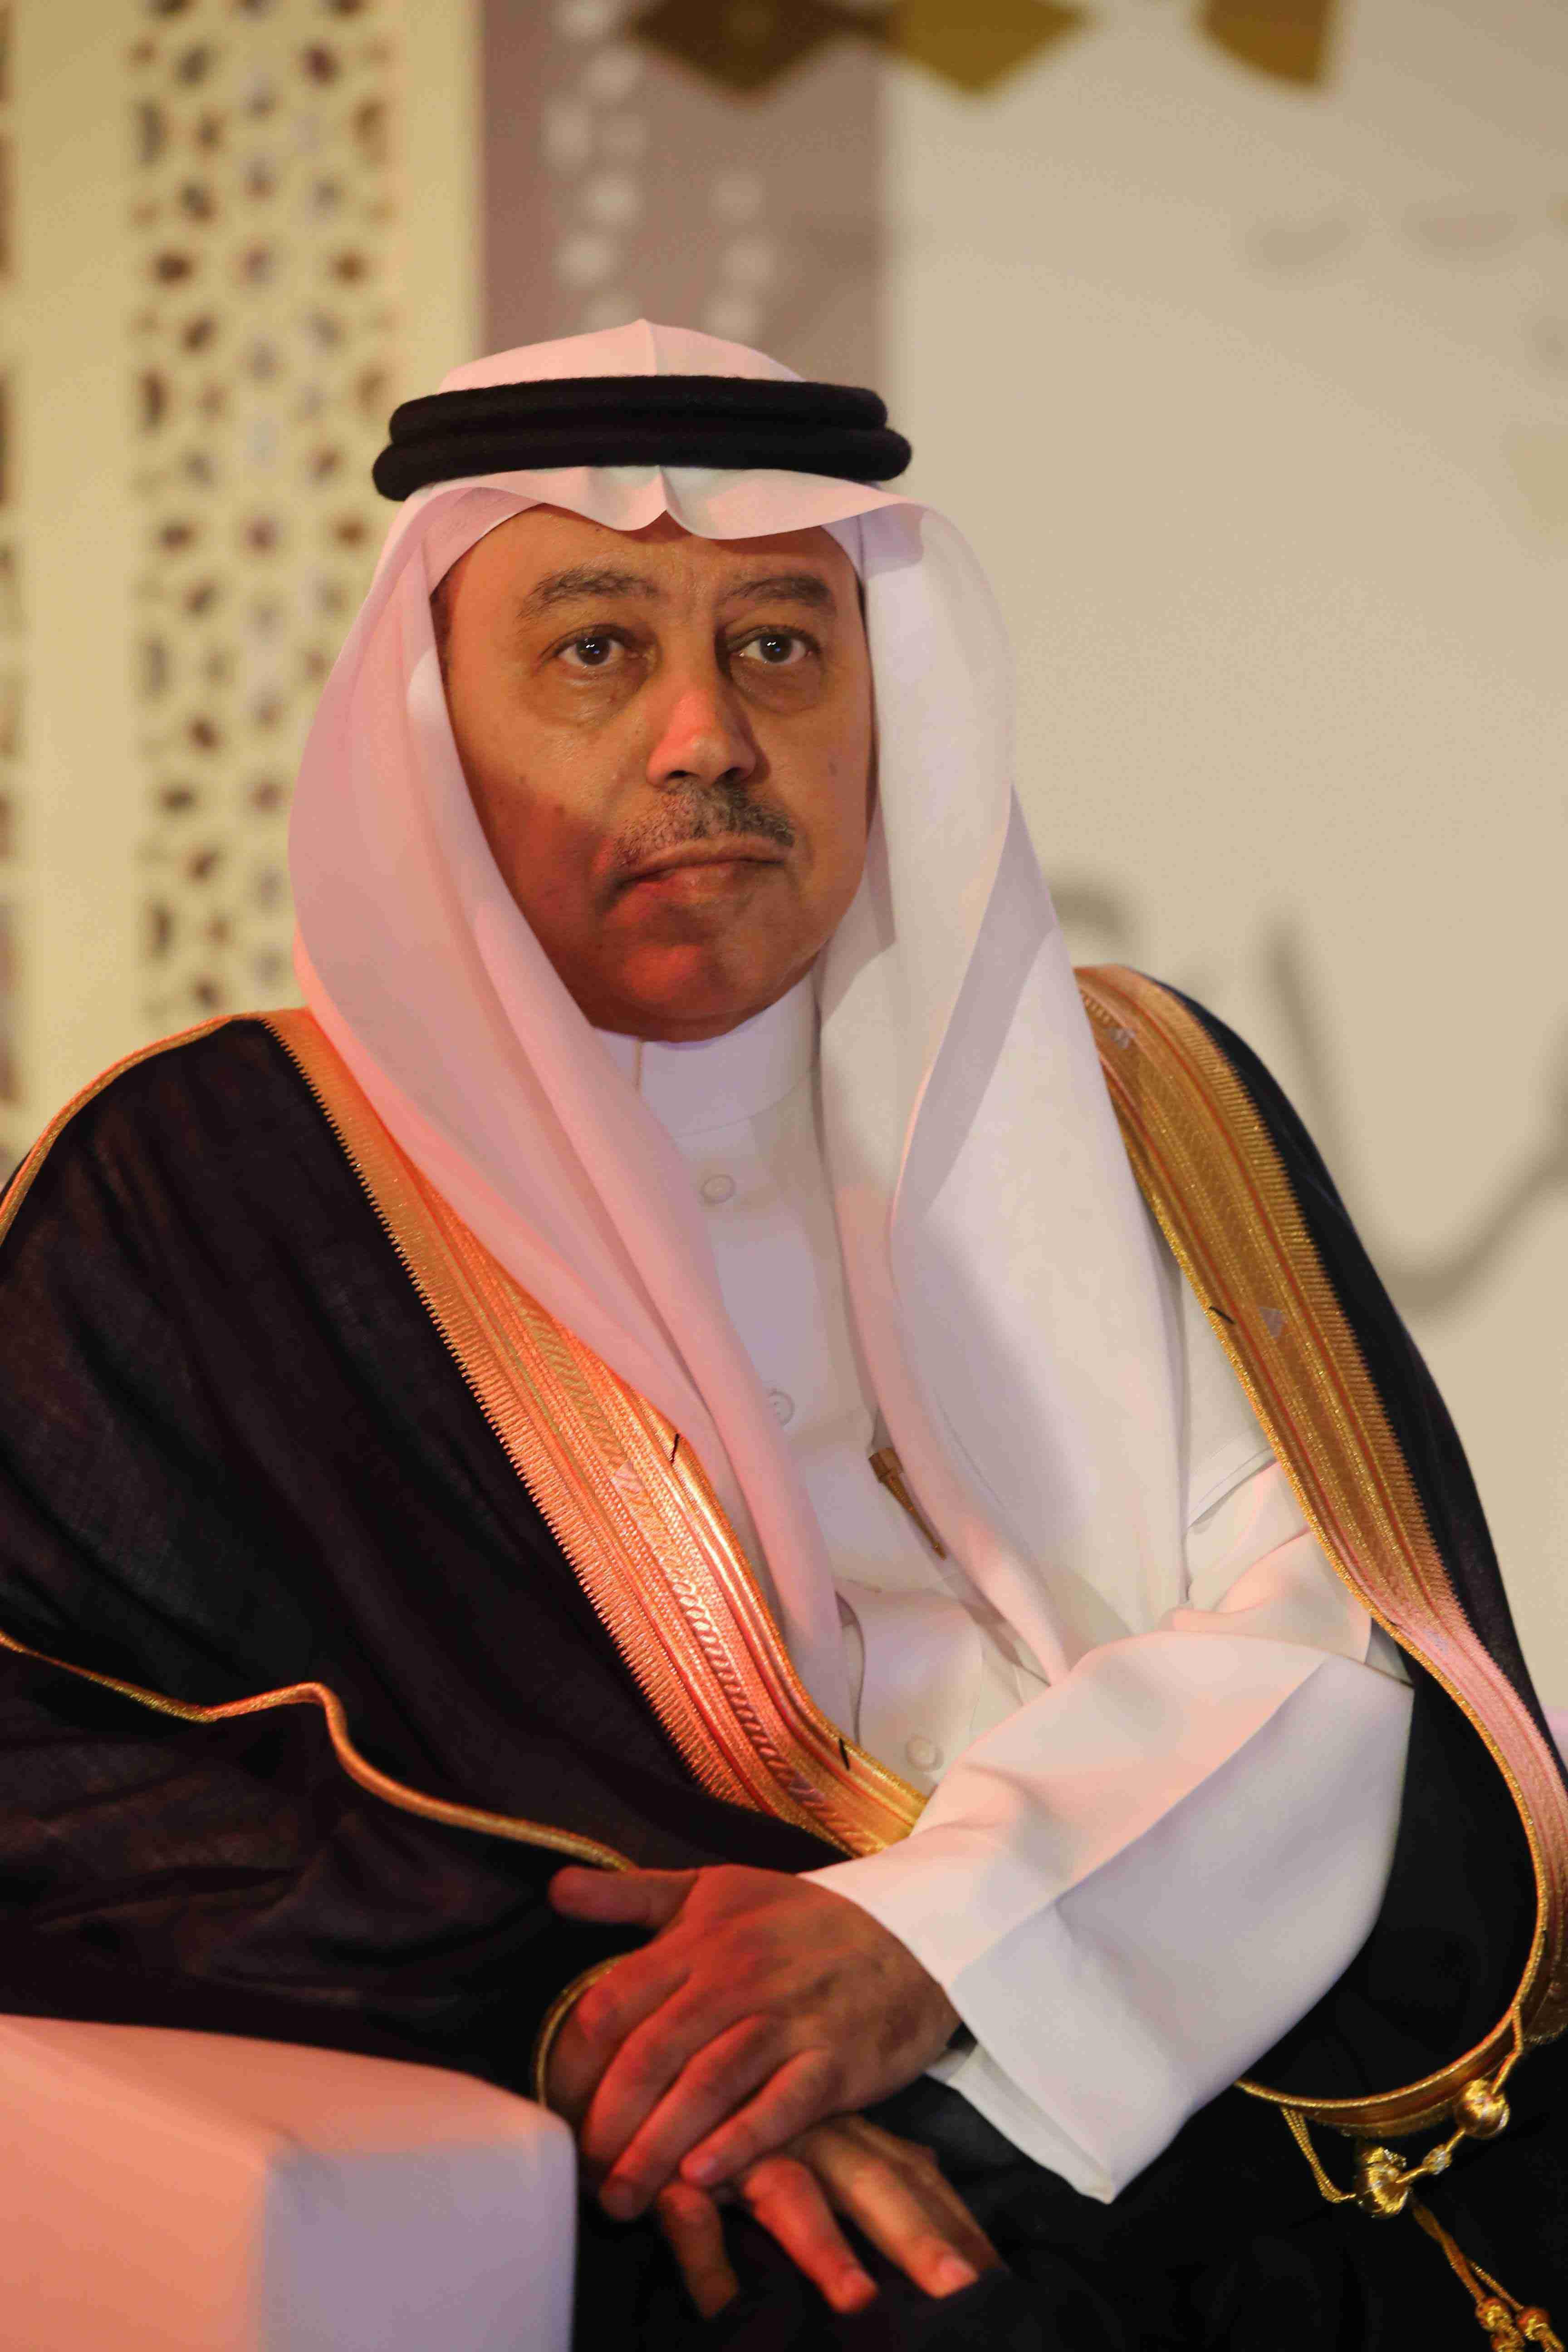 الأمين العام الدكتور/ فهد المغلوث لجائزة الأميرة صيته بنت عبدالعزيز للتميز في العمل الاجتماعي